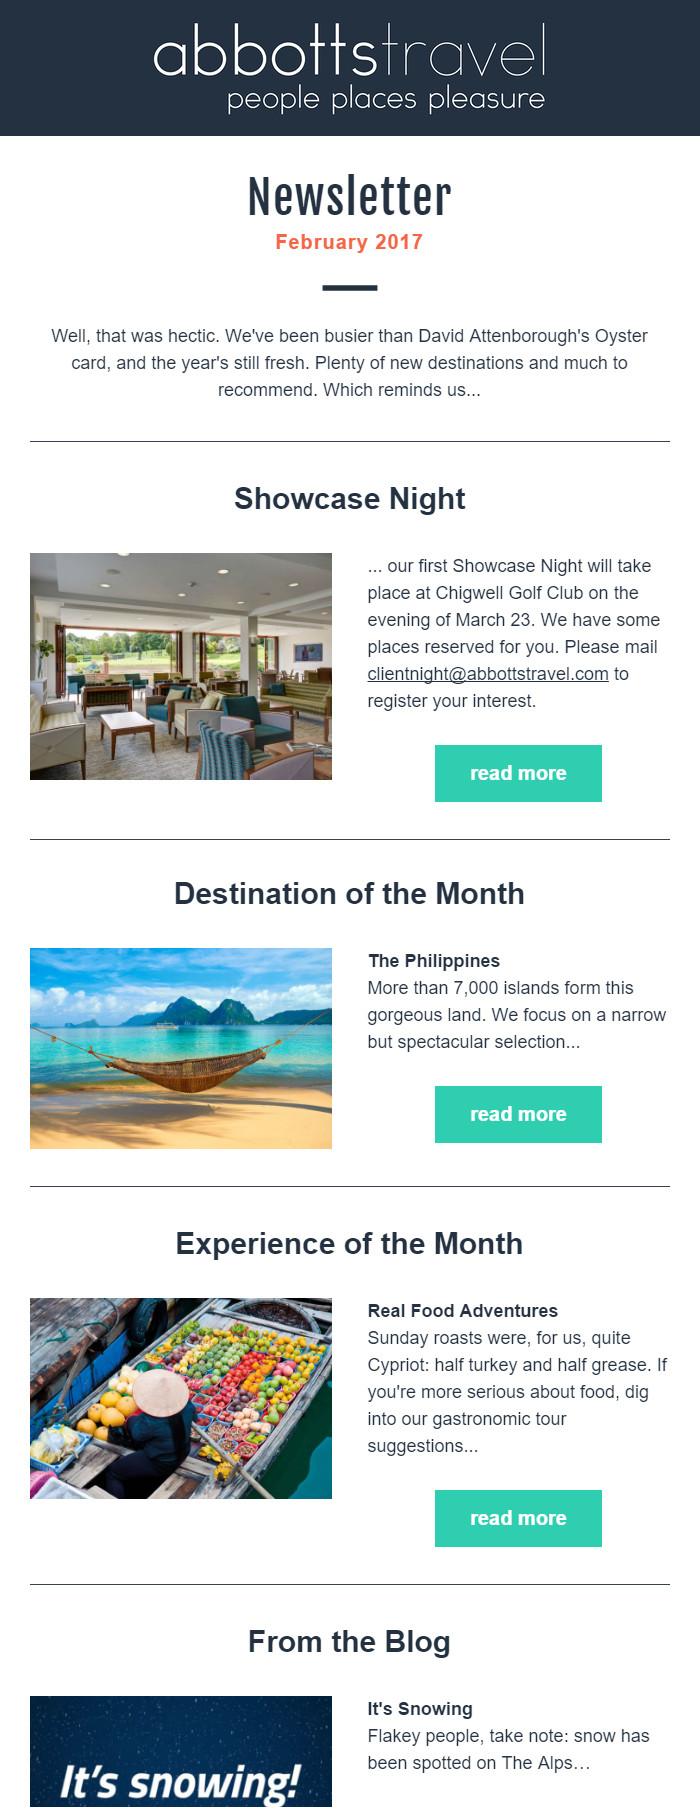 Abbotts Travel - January 2017 Newsletter